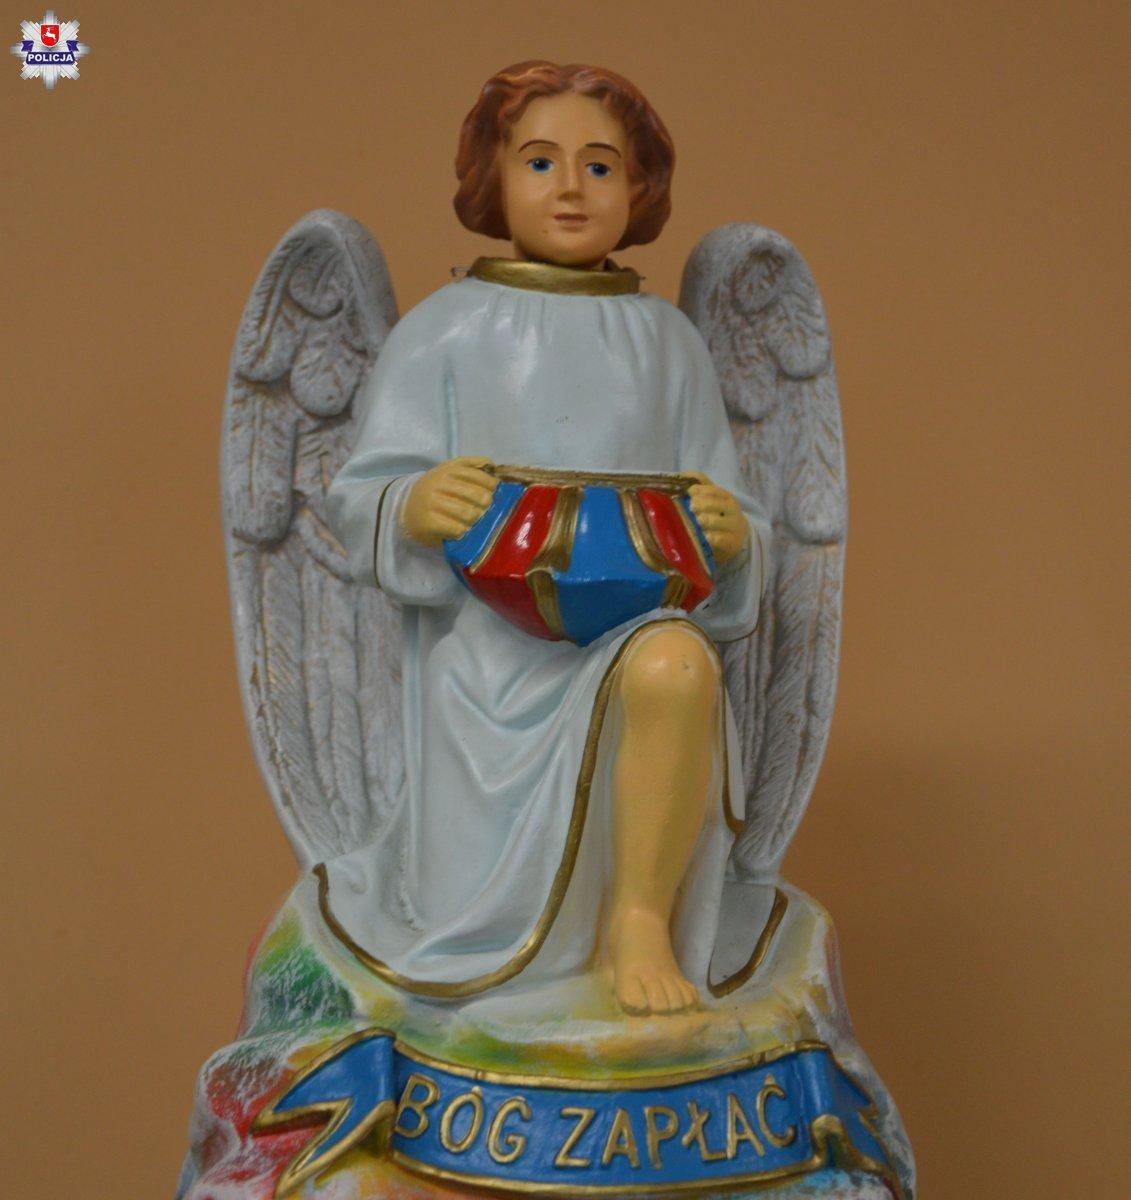 68 160649 Z bożonarodzeniowej szopki skradziono figurkę aniołka. Były w niej datki